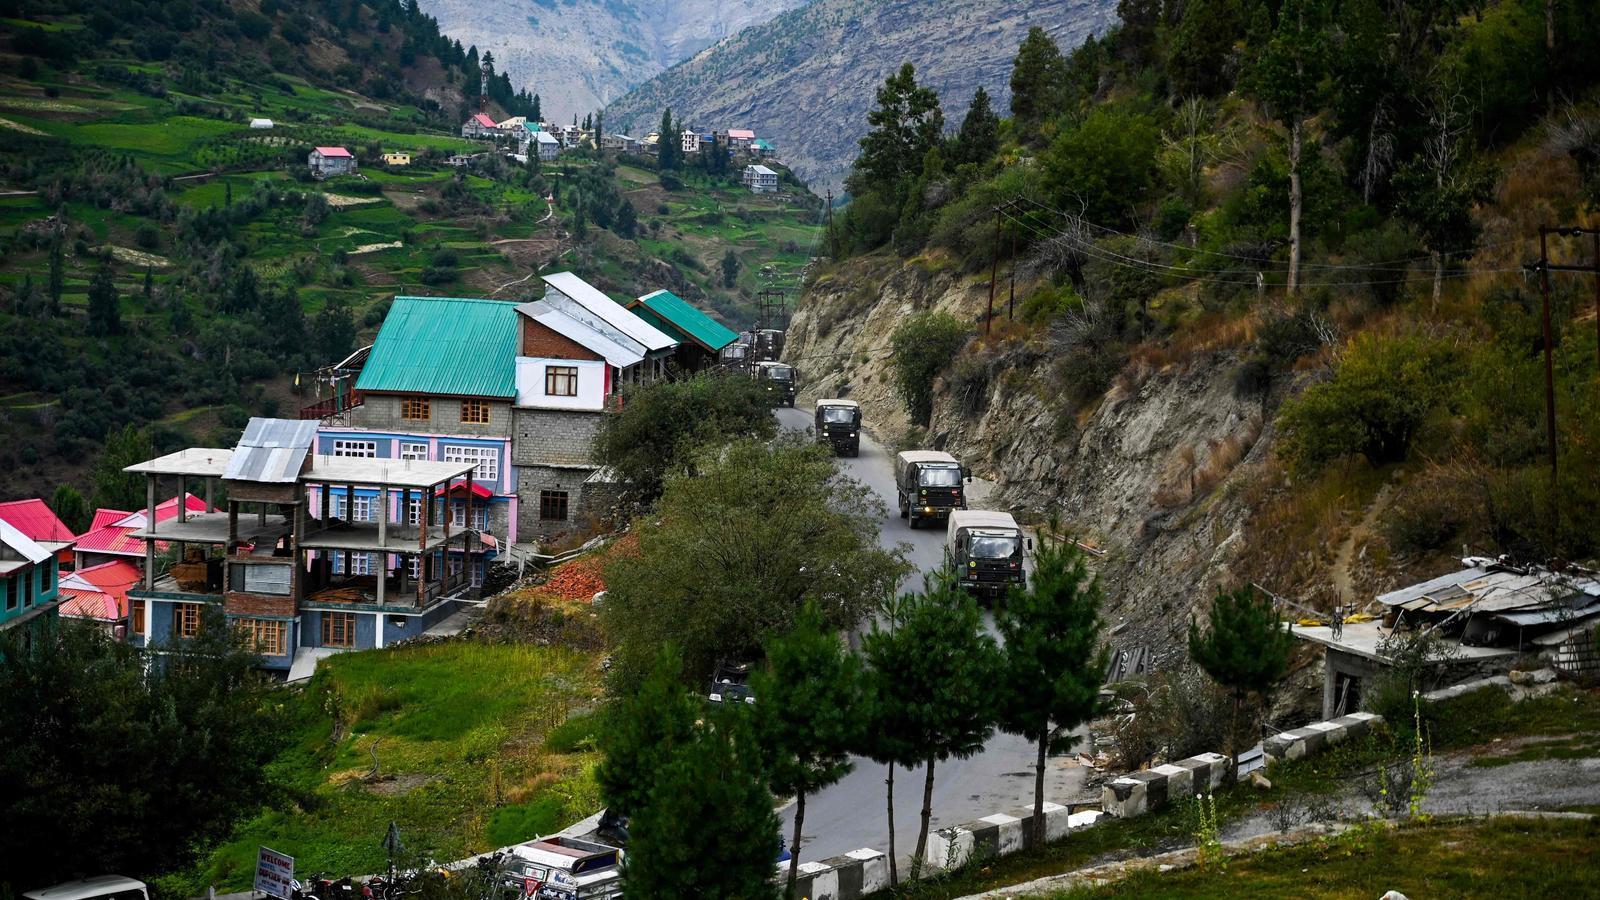 Un comboi de l'exèrcit indi passa per una carretera a Kyelang, a uns 120 quilòmetres de la frontera indo-tibetana